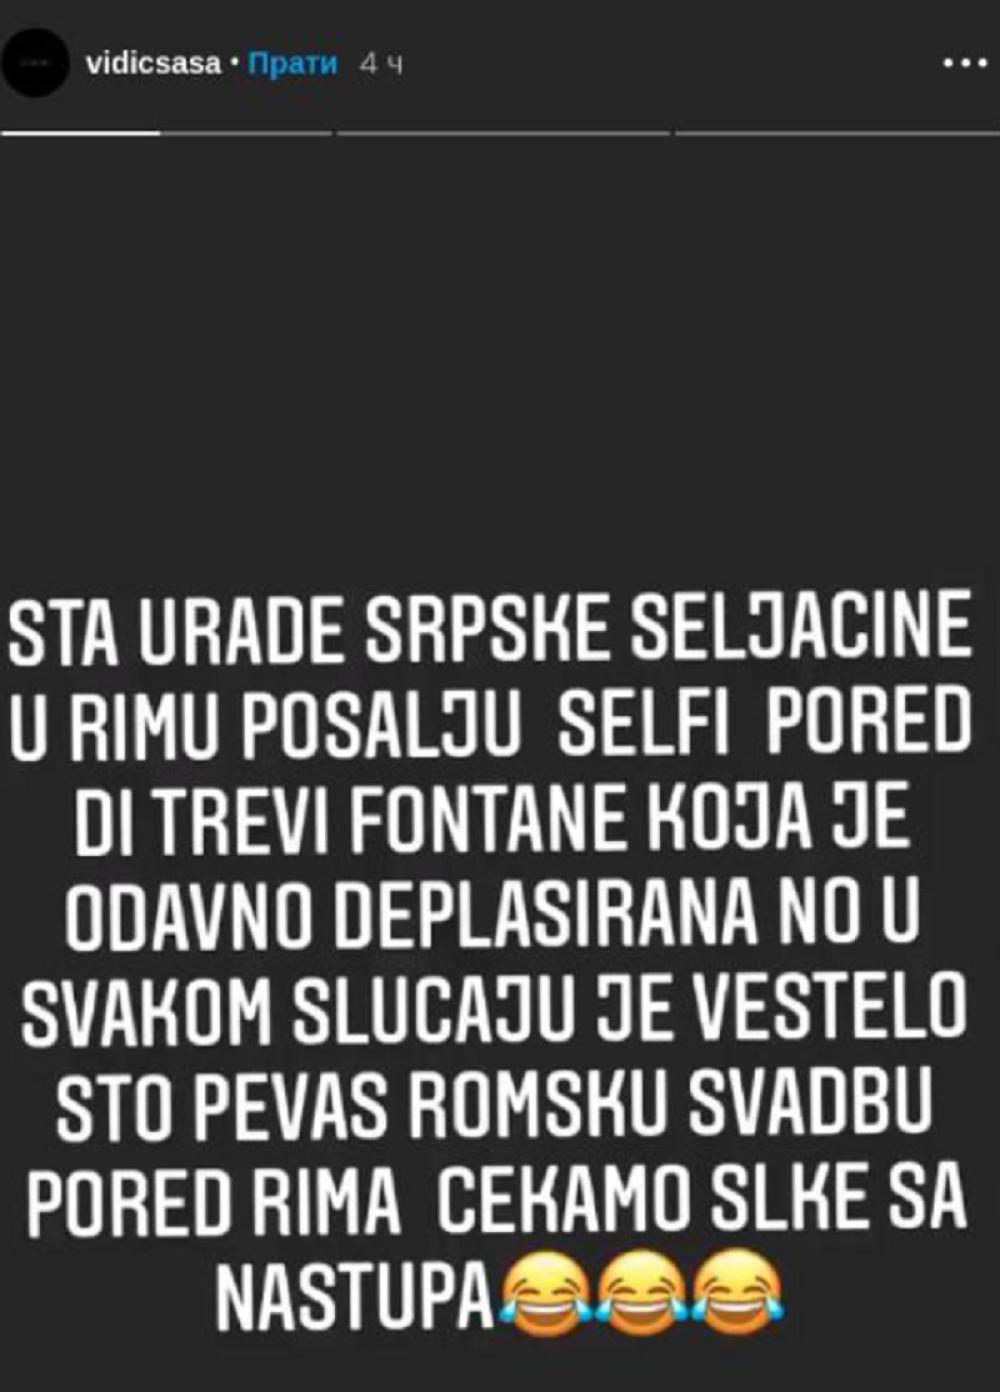 Saša Vidić